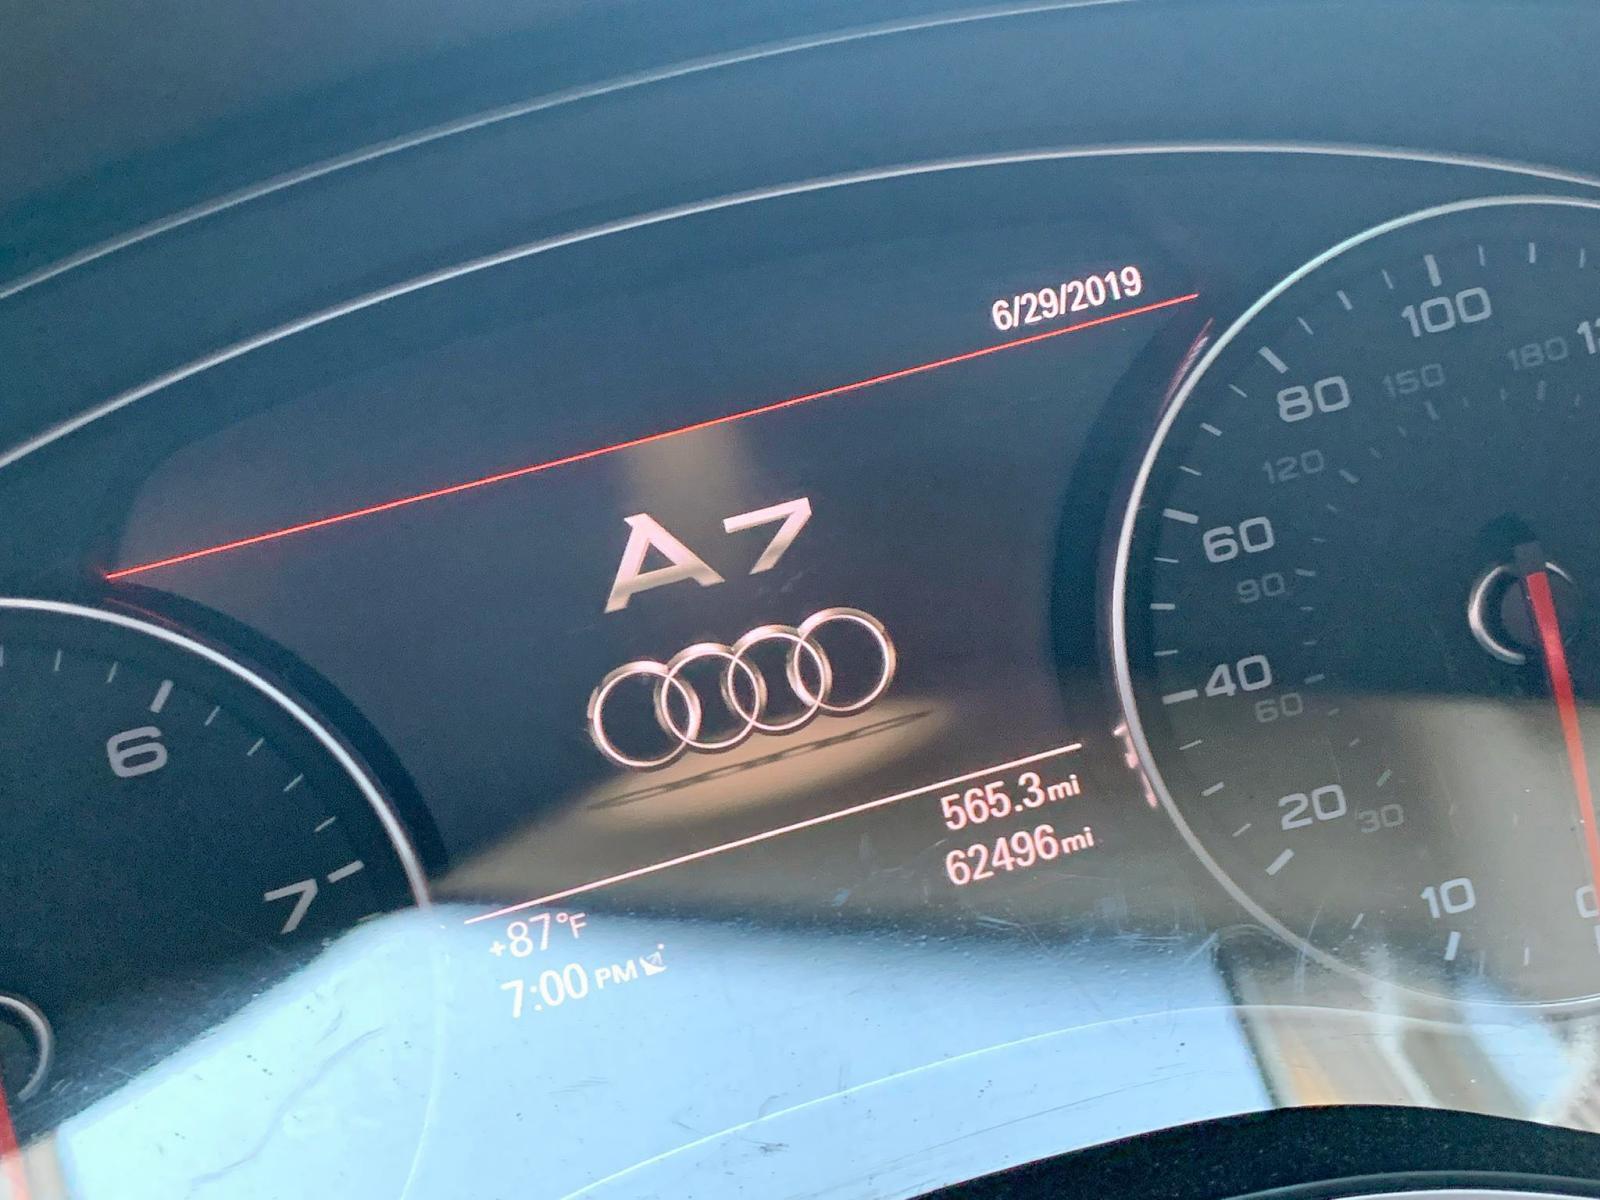 2013 Audi A7 Prestig 3.0L front view